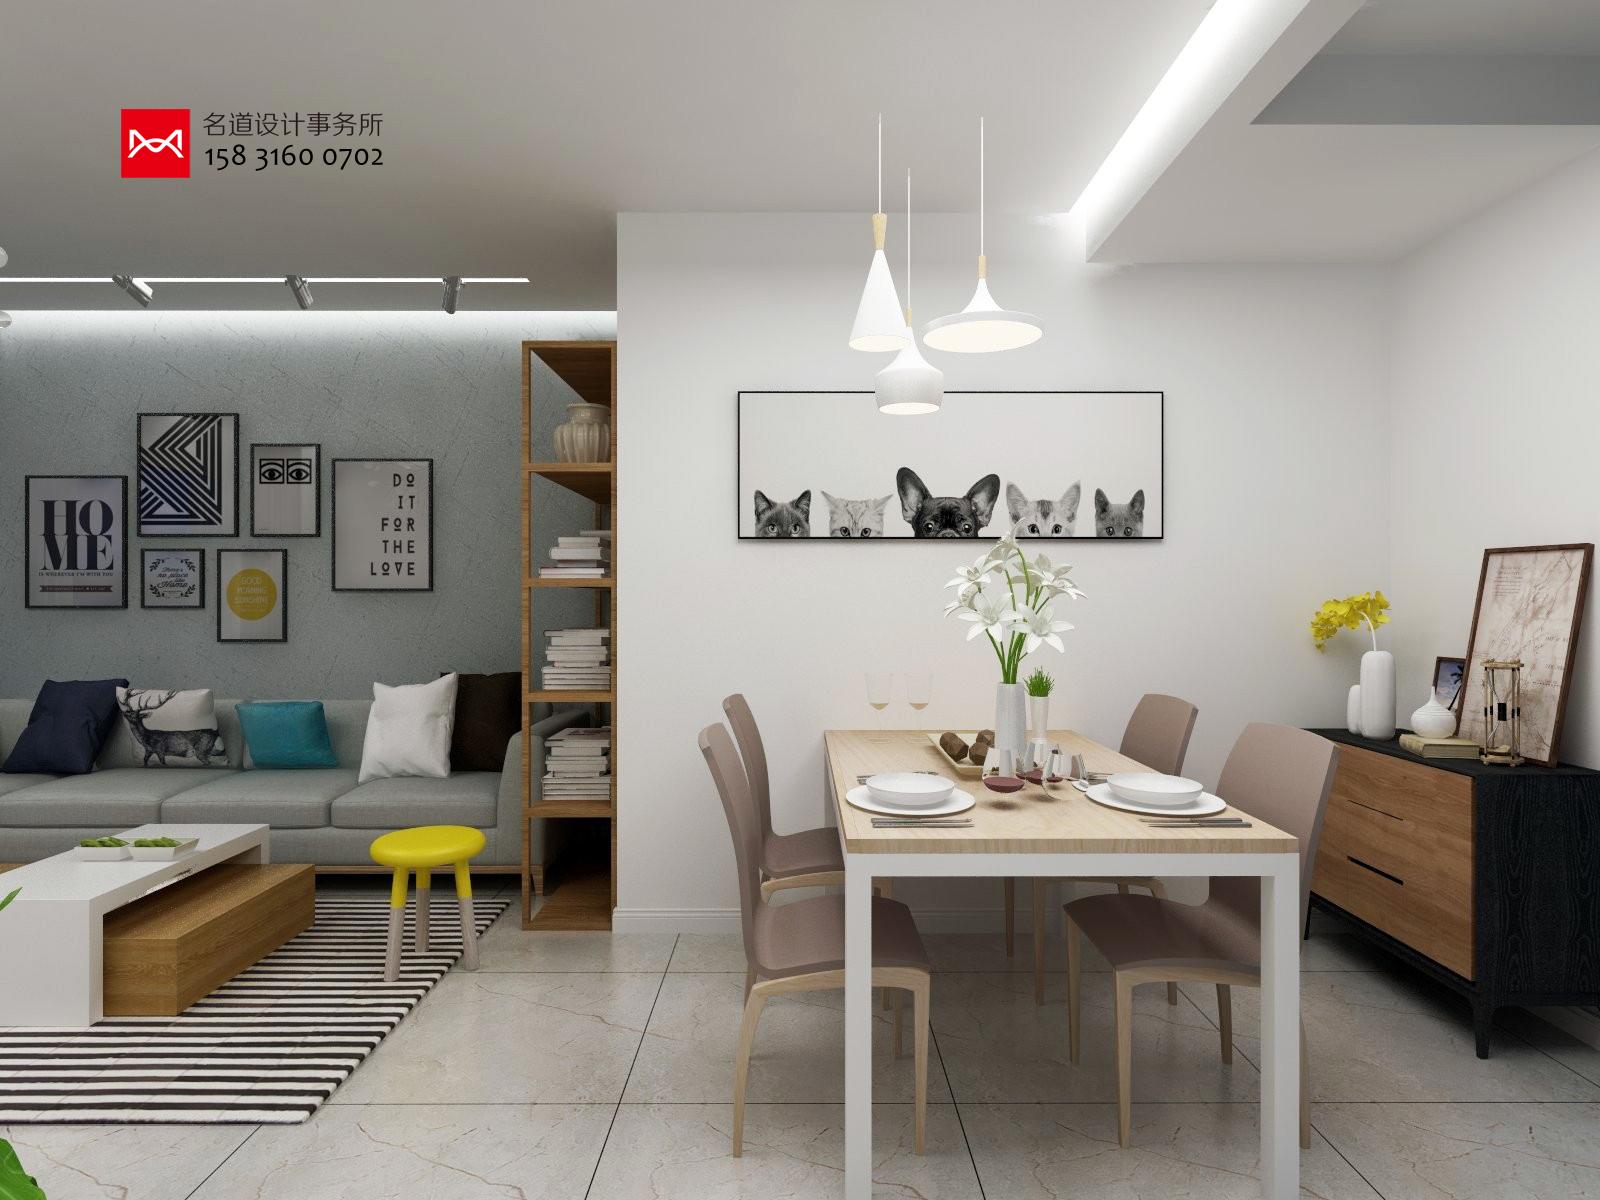 最新室内设计案例三室两厅两卫110平米廊坊文安御龙景观设计师公园家园快题v案例图片